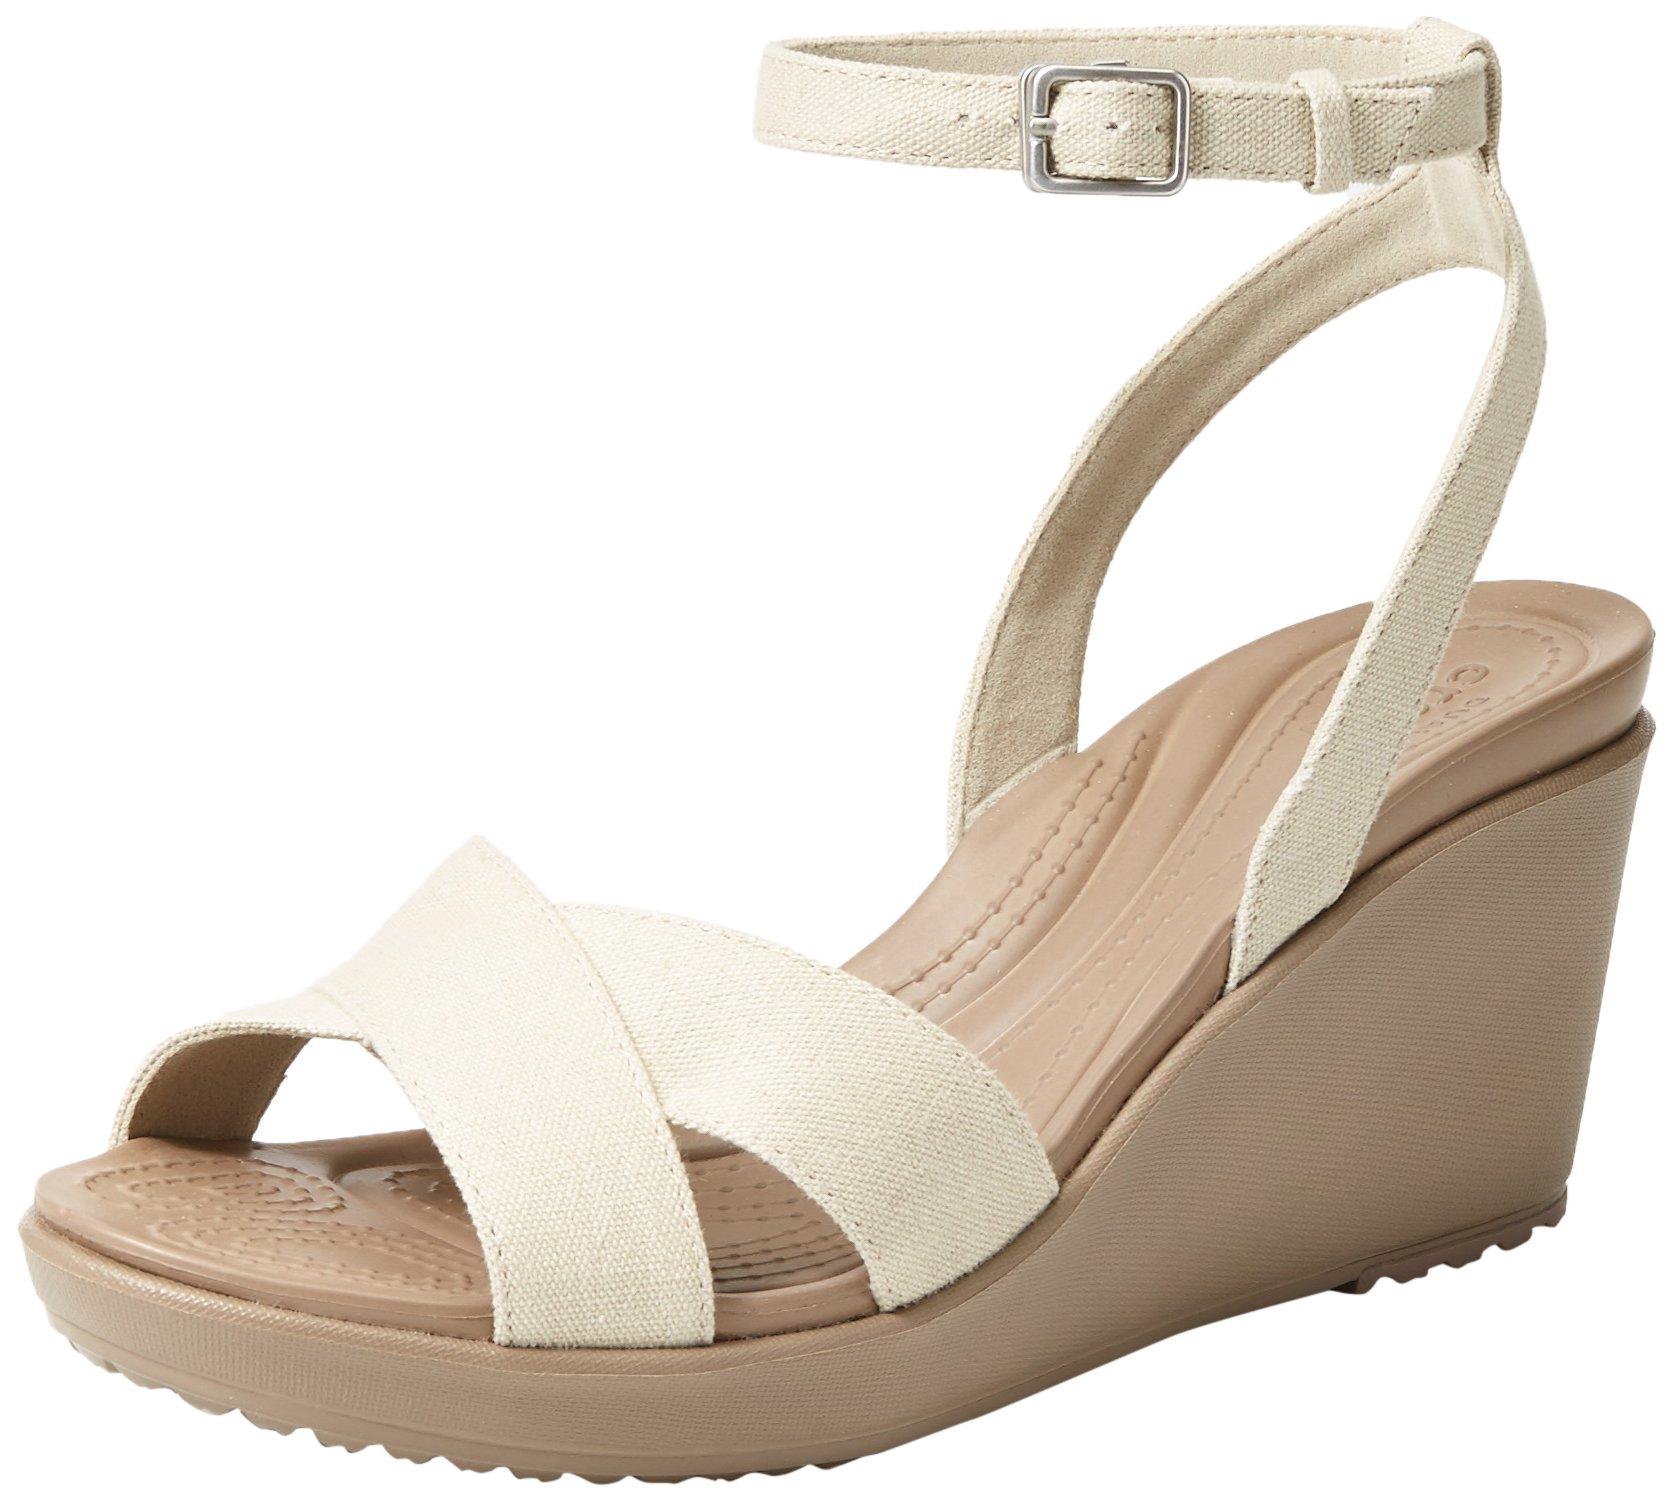 Crocs Women's Leigh II Ankle Strap W Wedge Sandal, Oatmeal/Mushroom, 8 M US